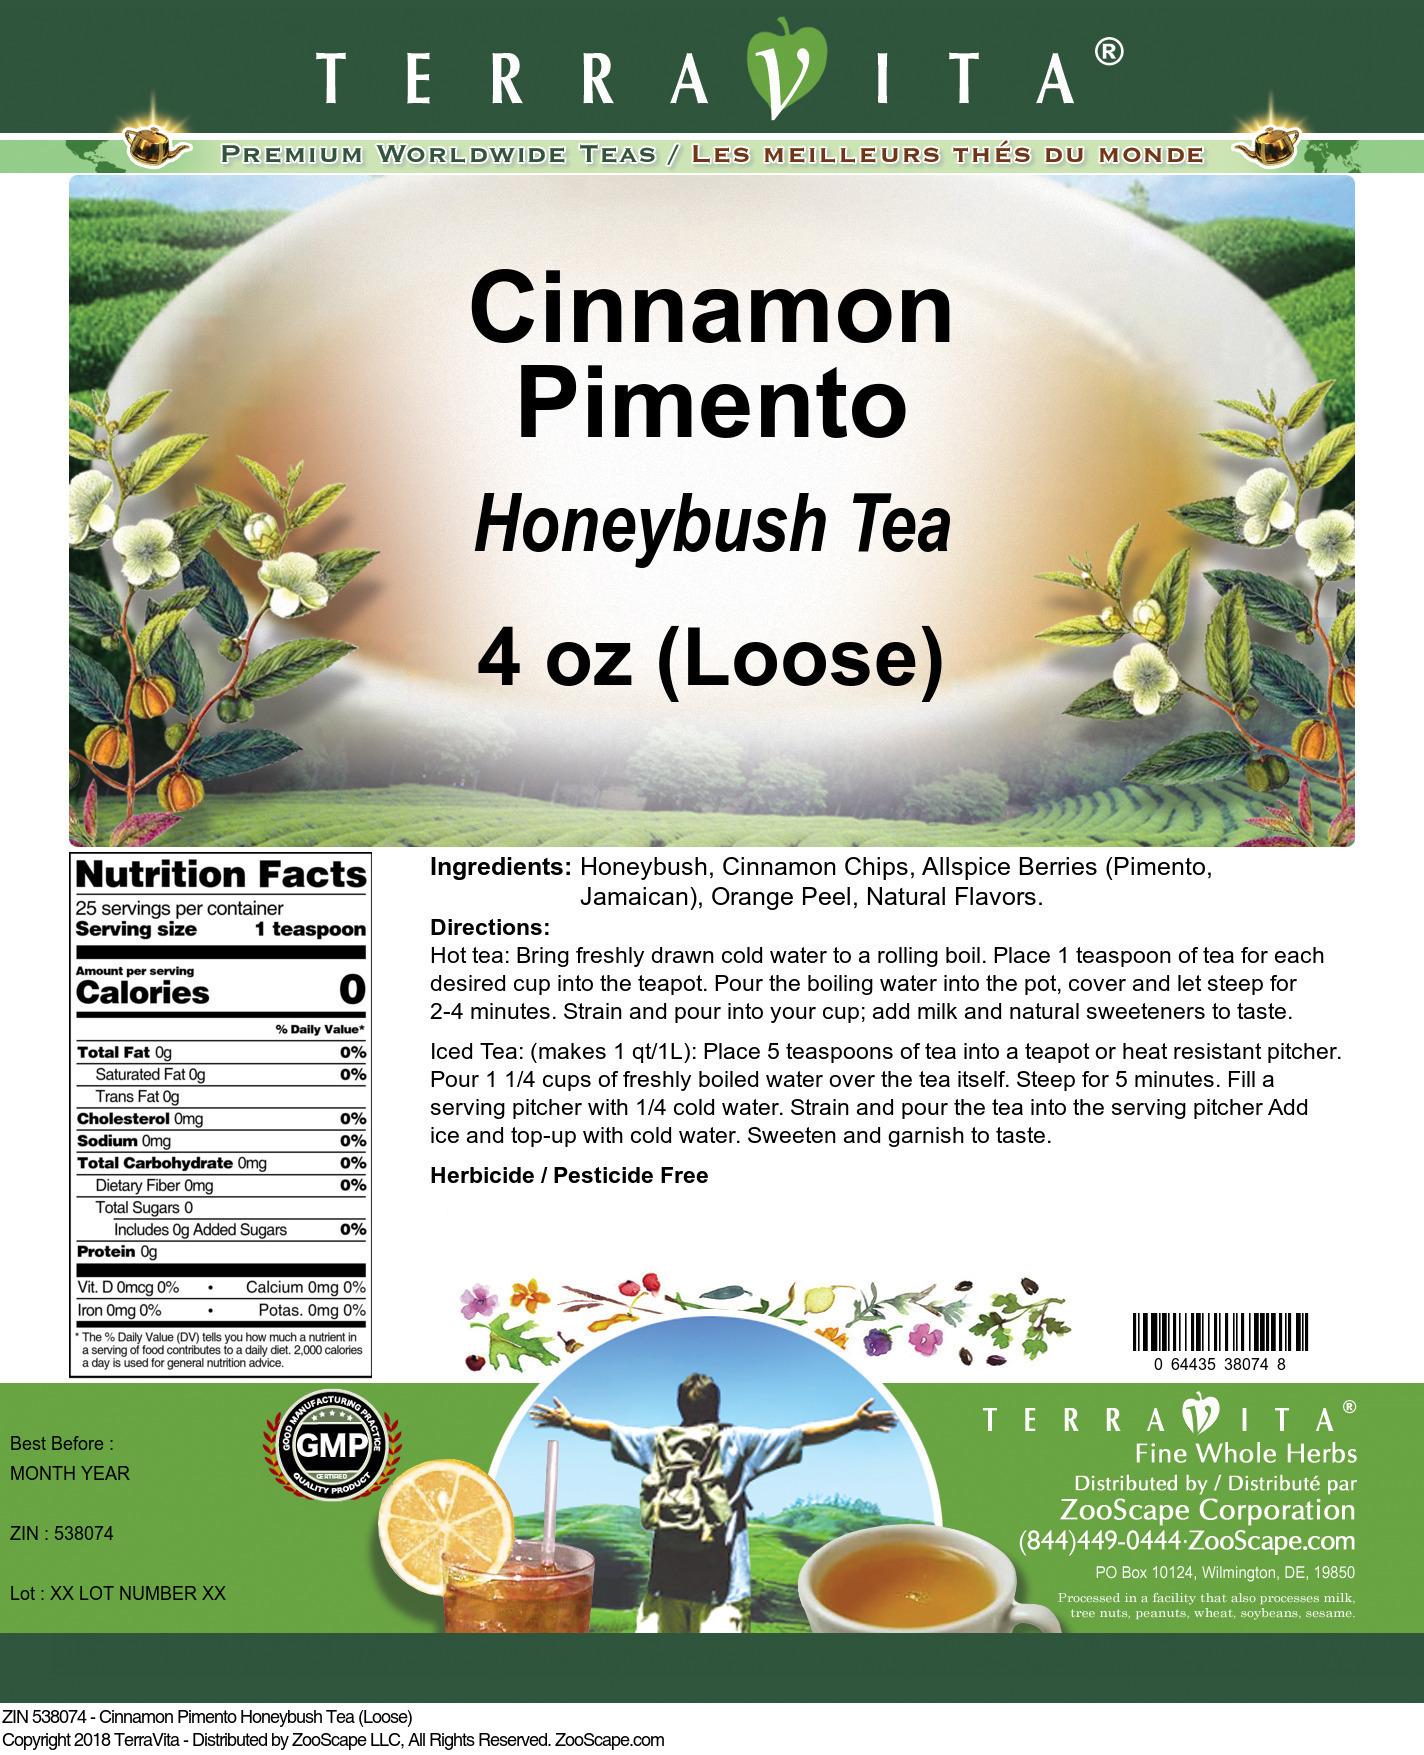 Cinnamon Pimento Honeybush Tea (Loose)